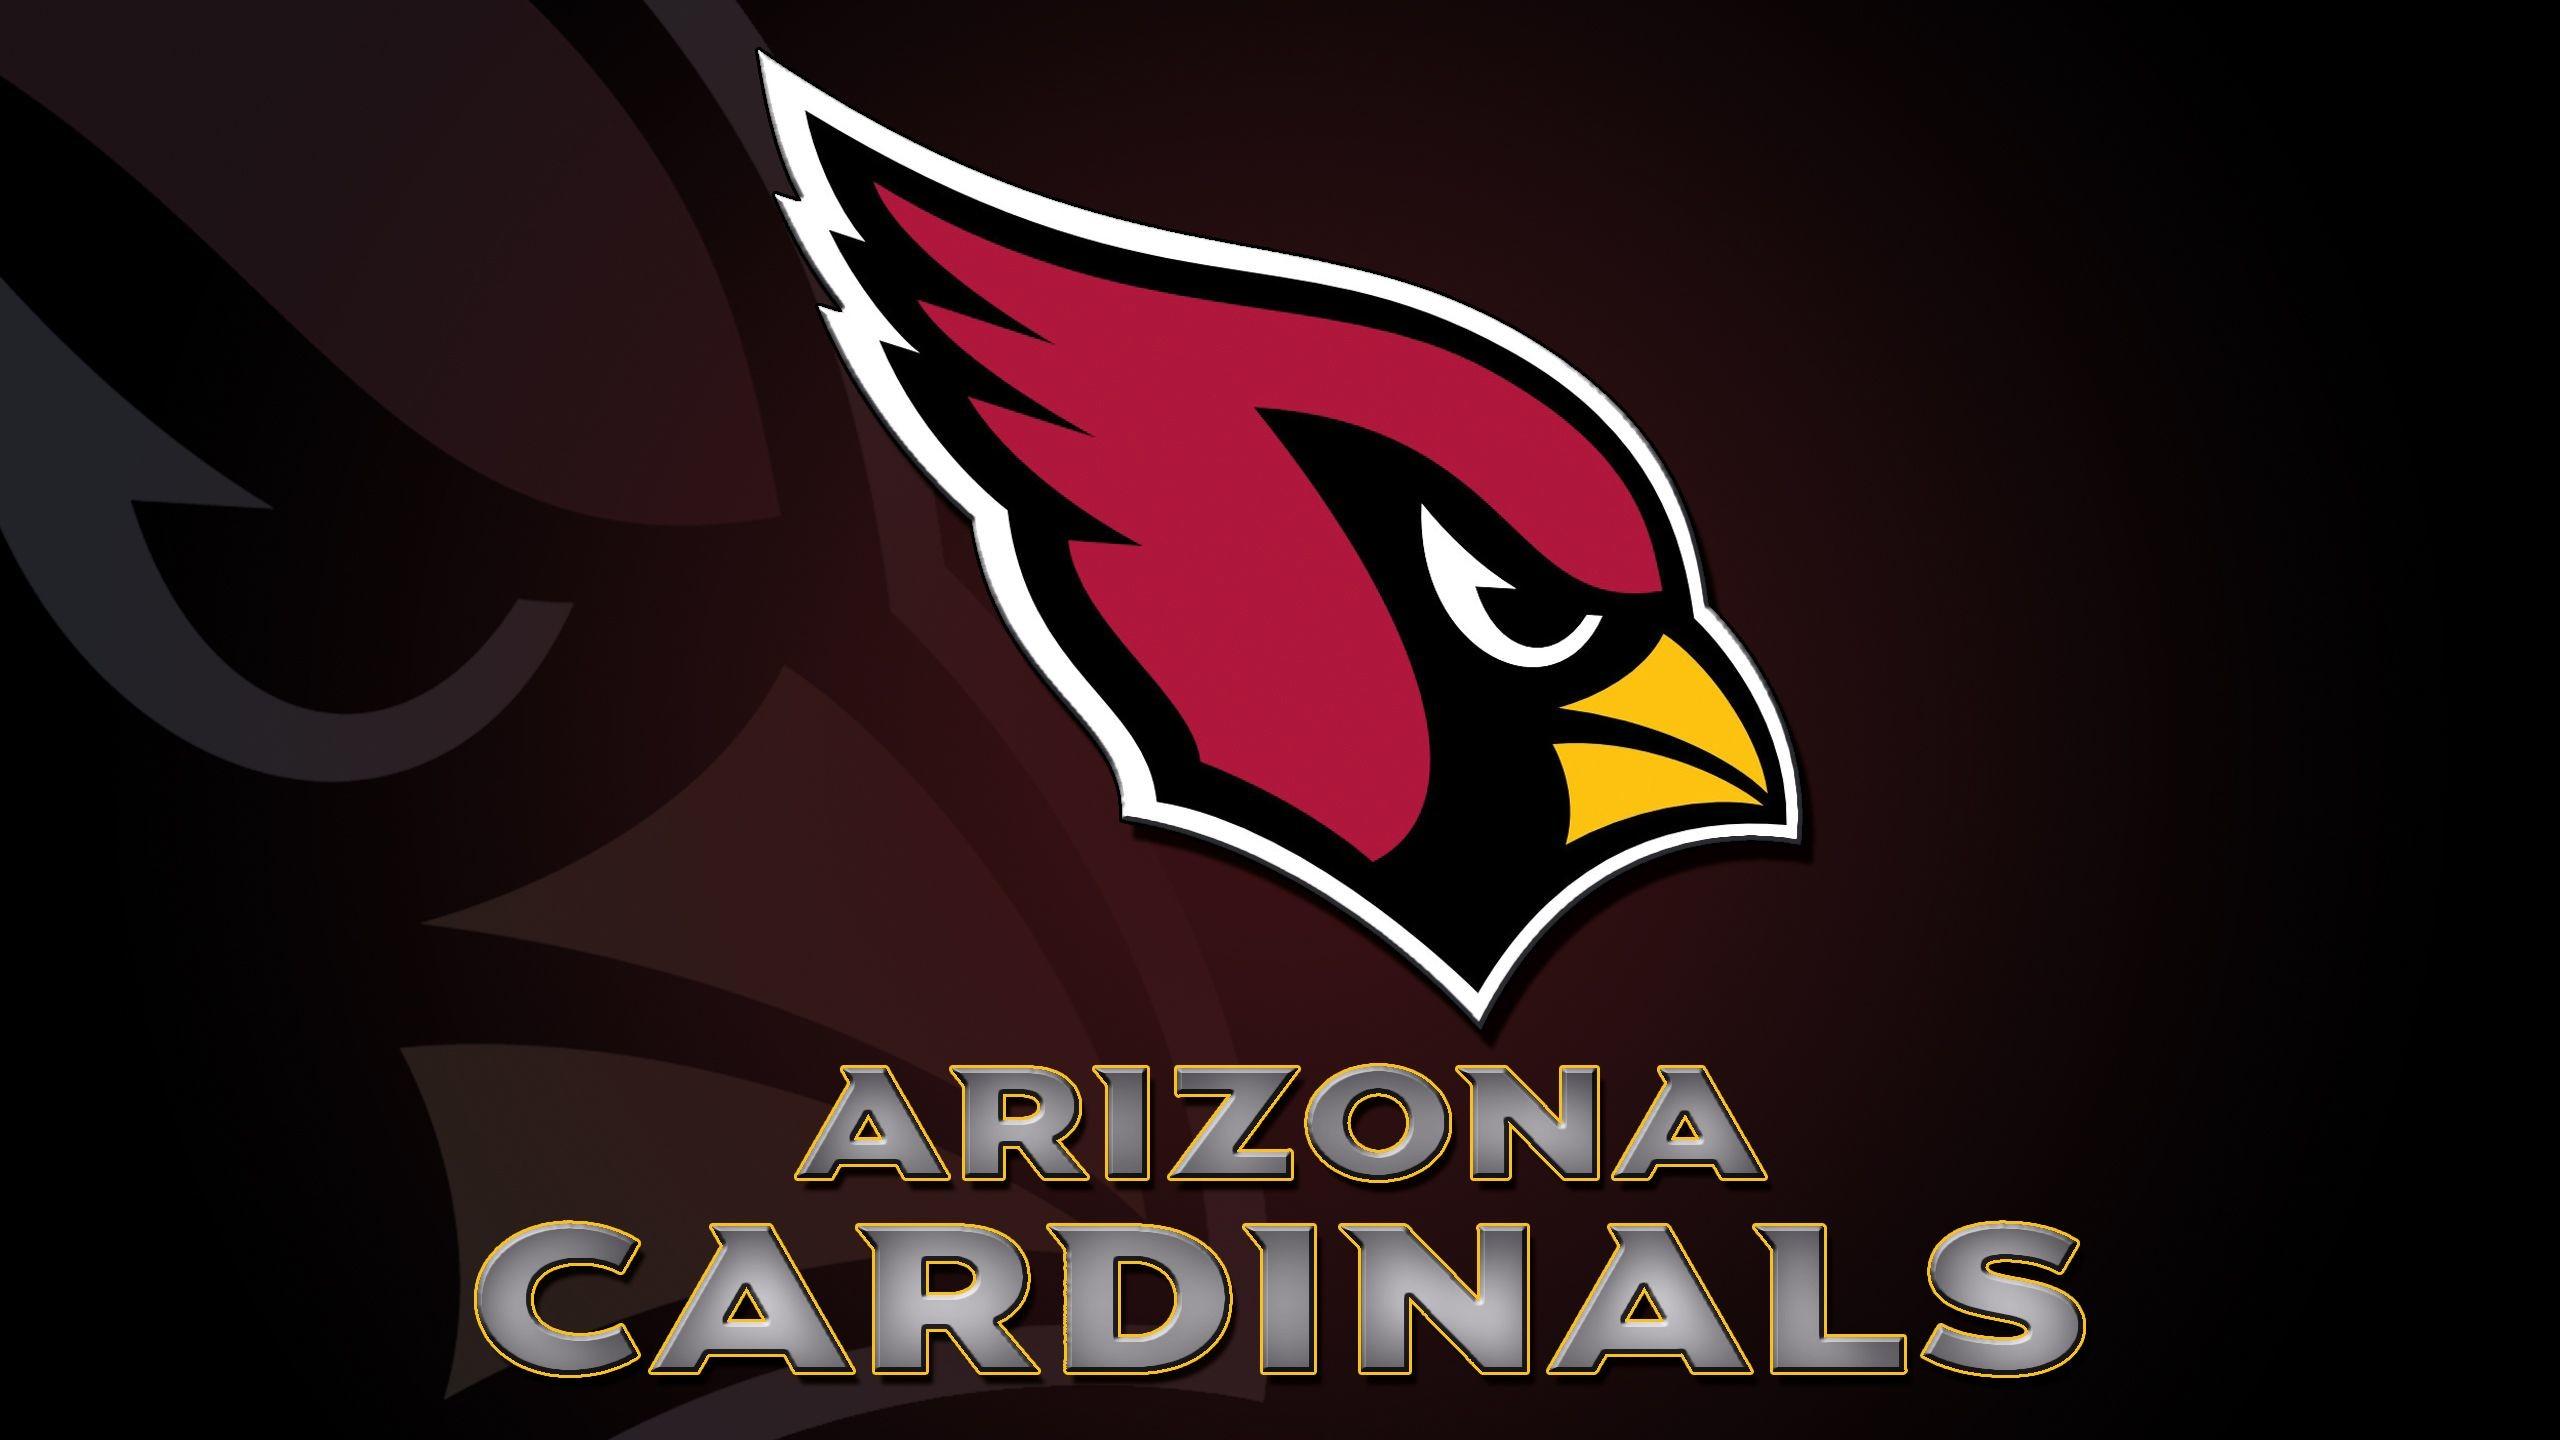 Res: 2560x1440, Arizona Cardinals